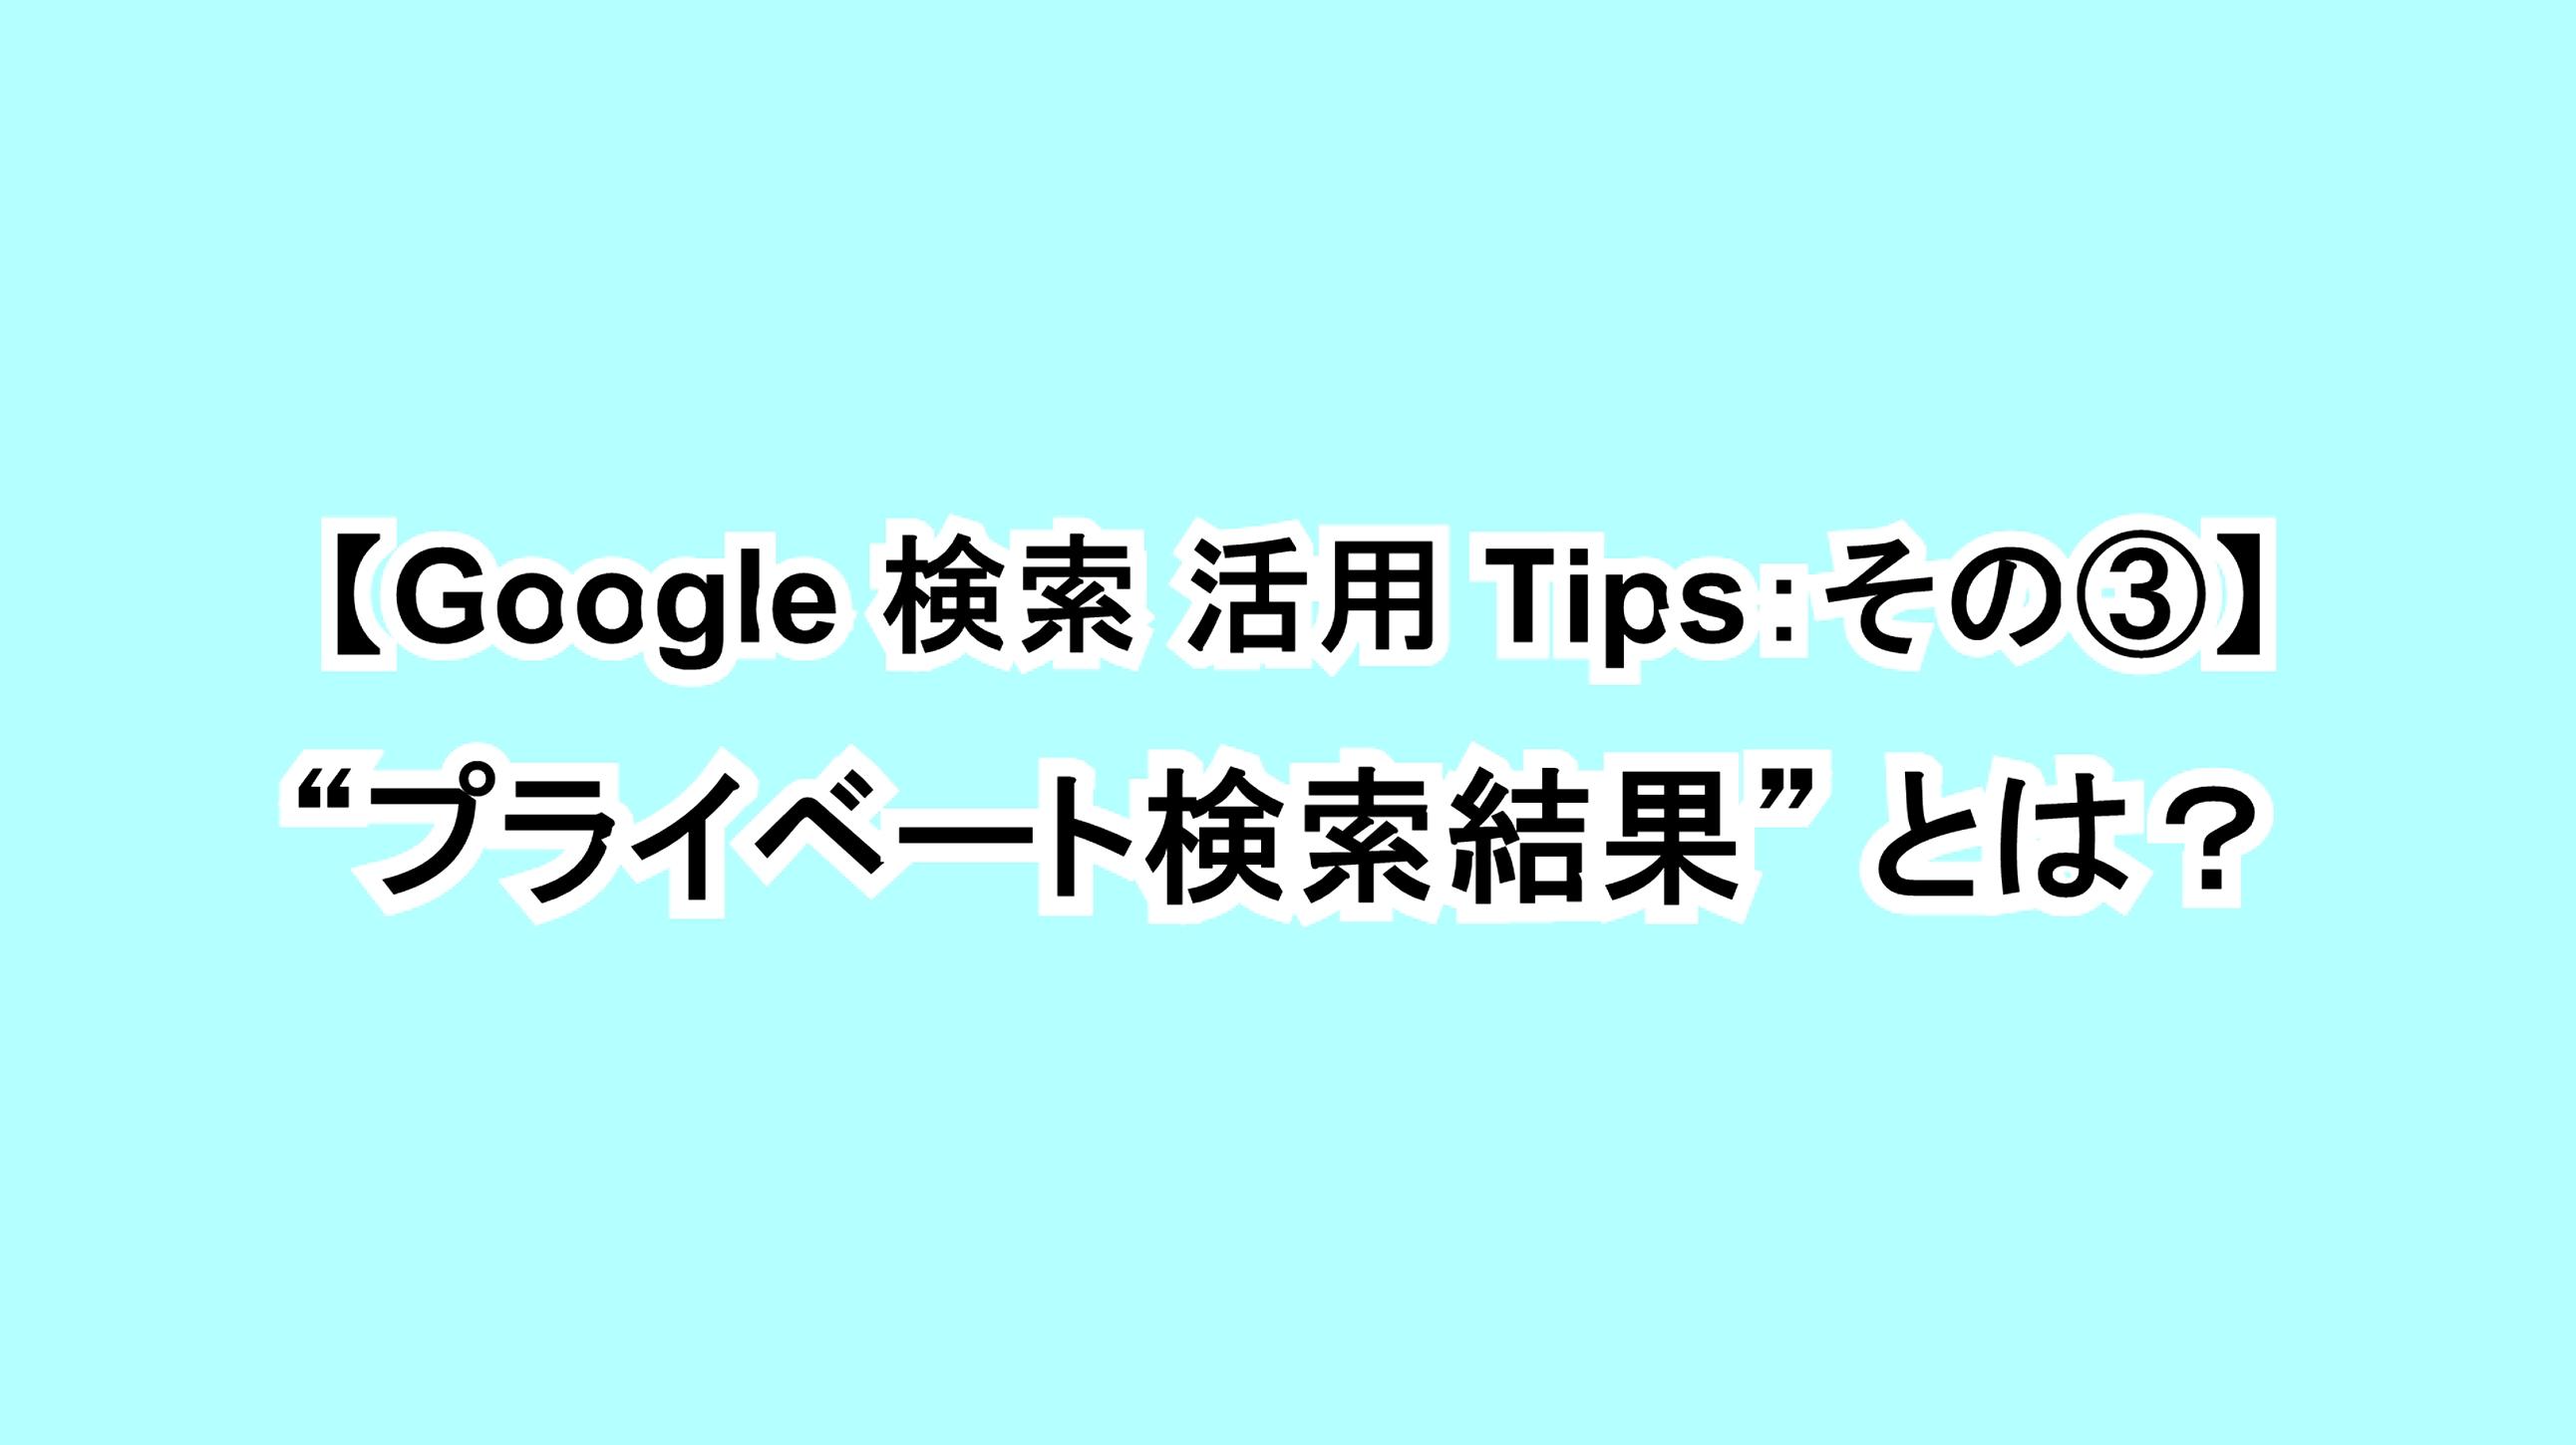 """【Google 検索活用Tips:その③】""""プライベート検索結果""""とは?"""